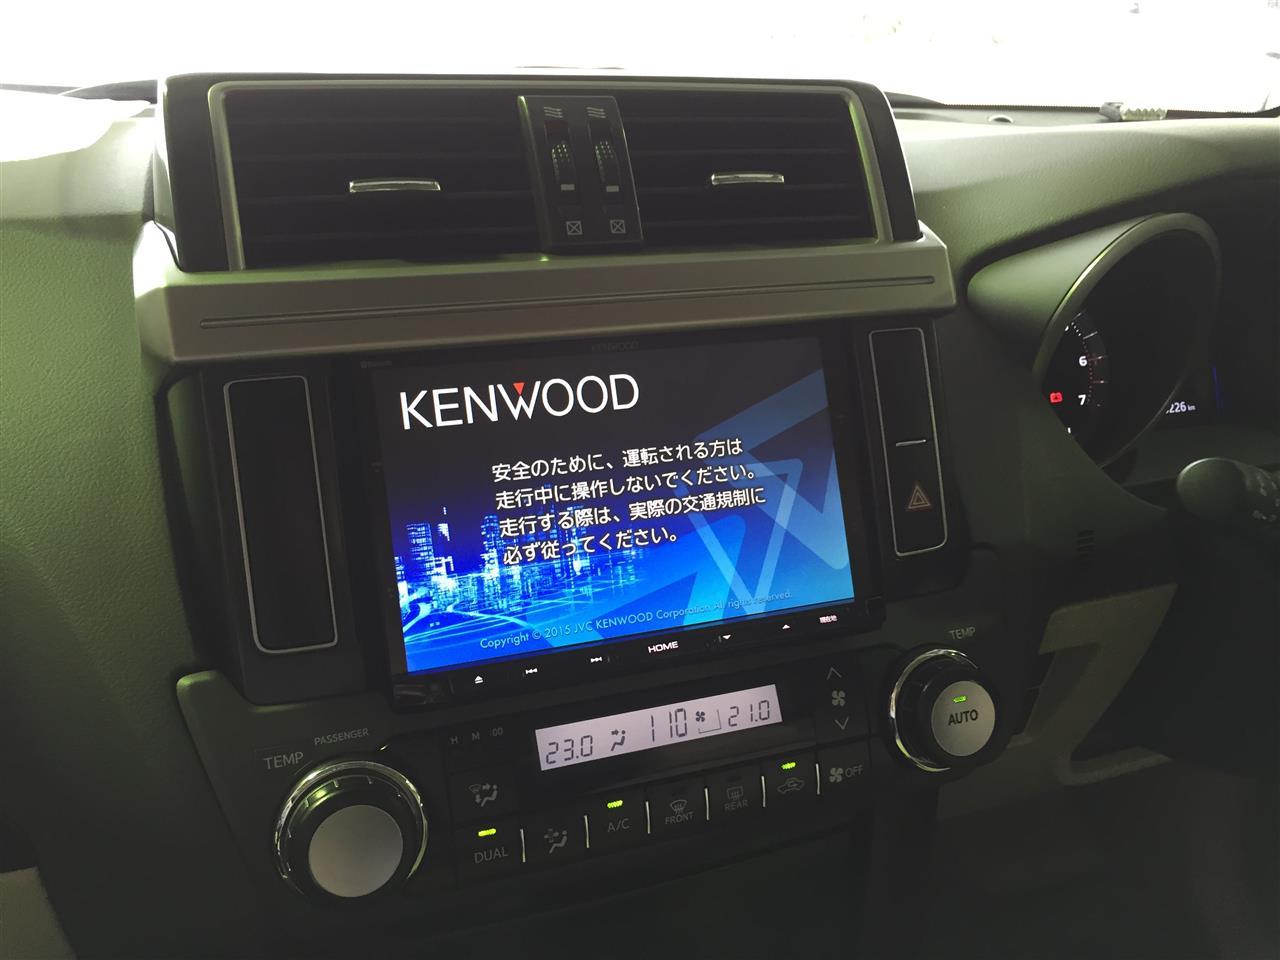 KENWOOD MDV-X802L